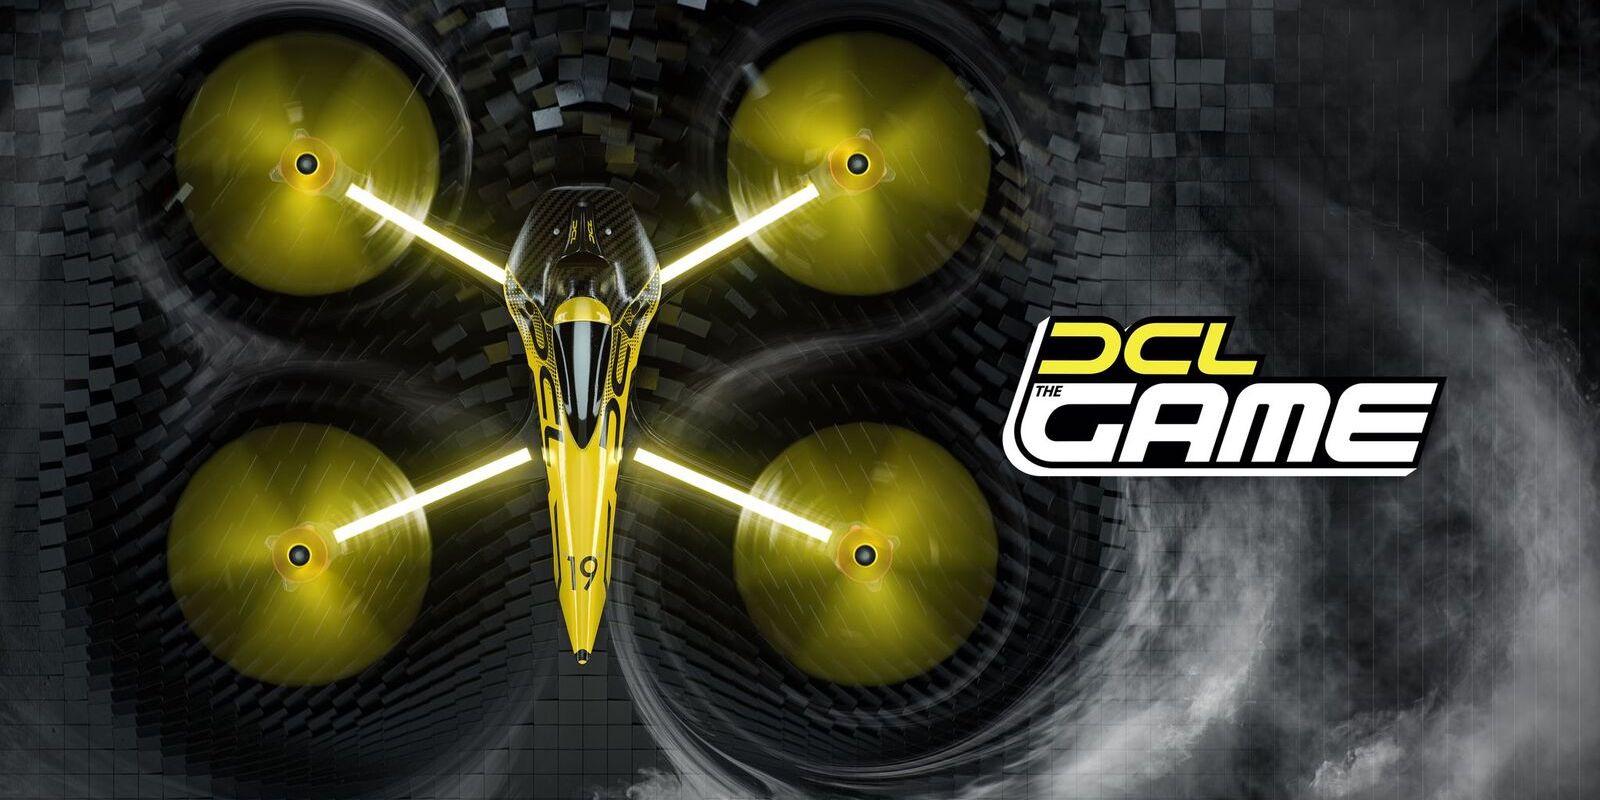 18 февраля выходит симулятор гоночных дронов DCL – The Game